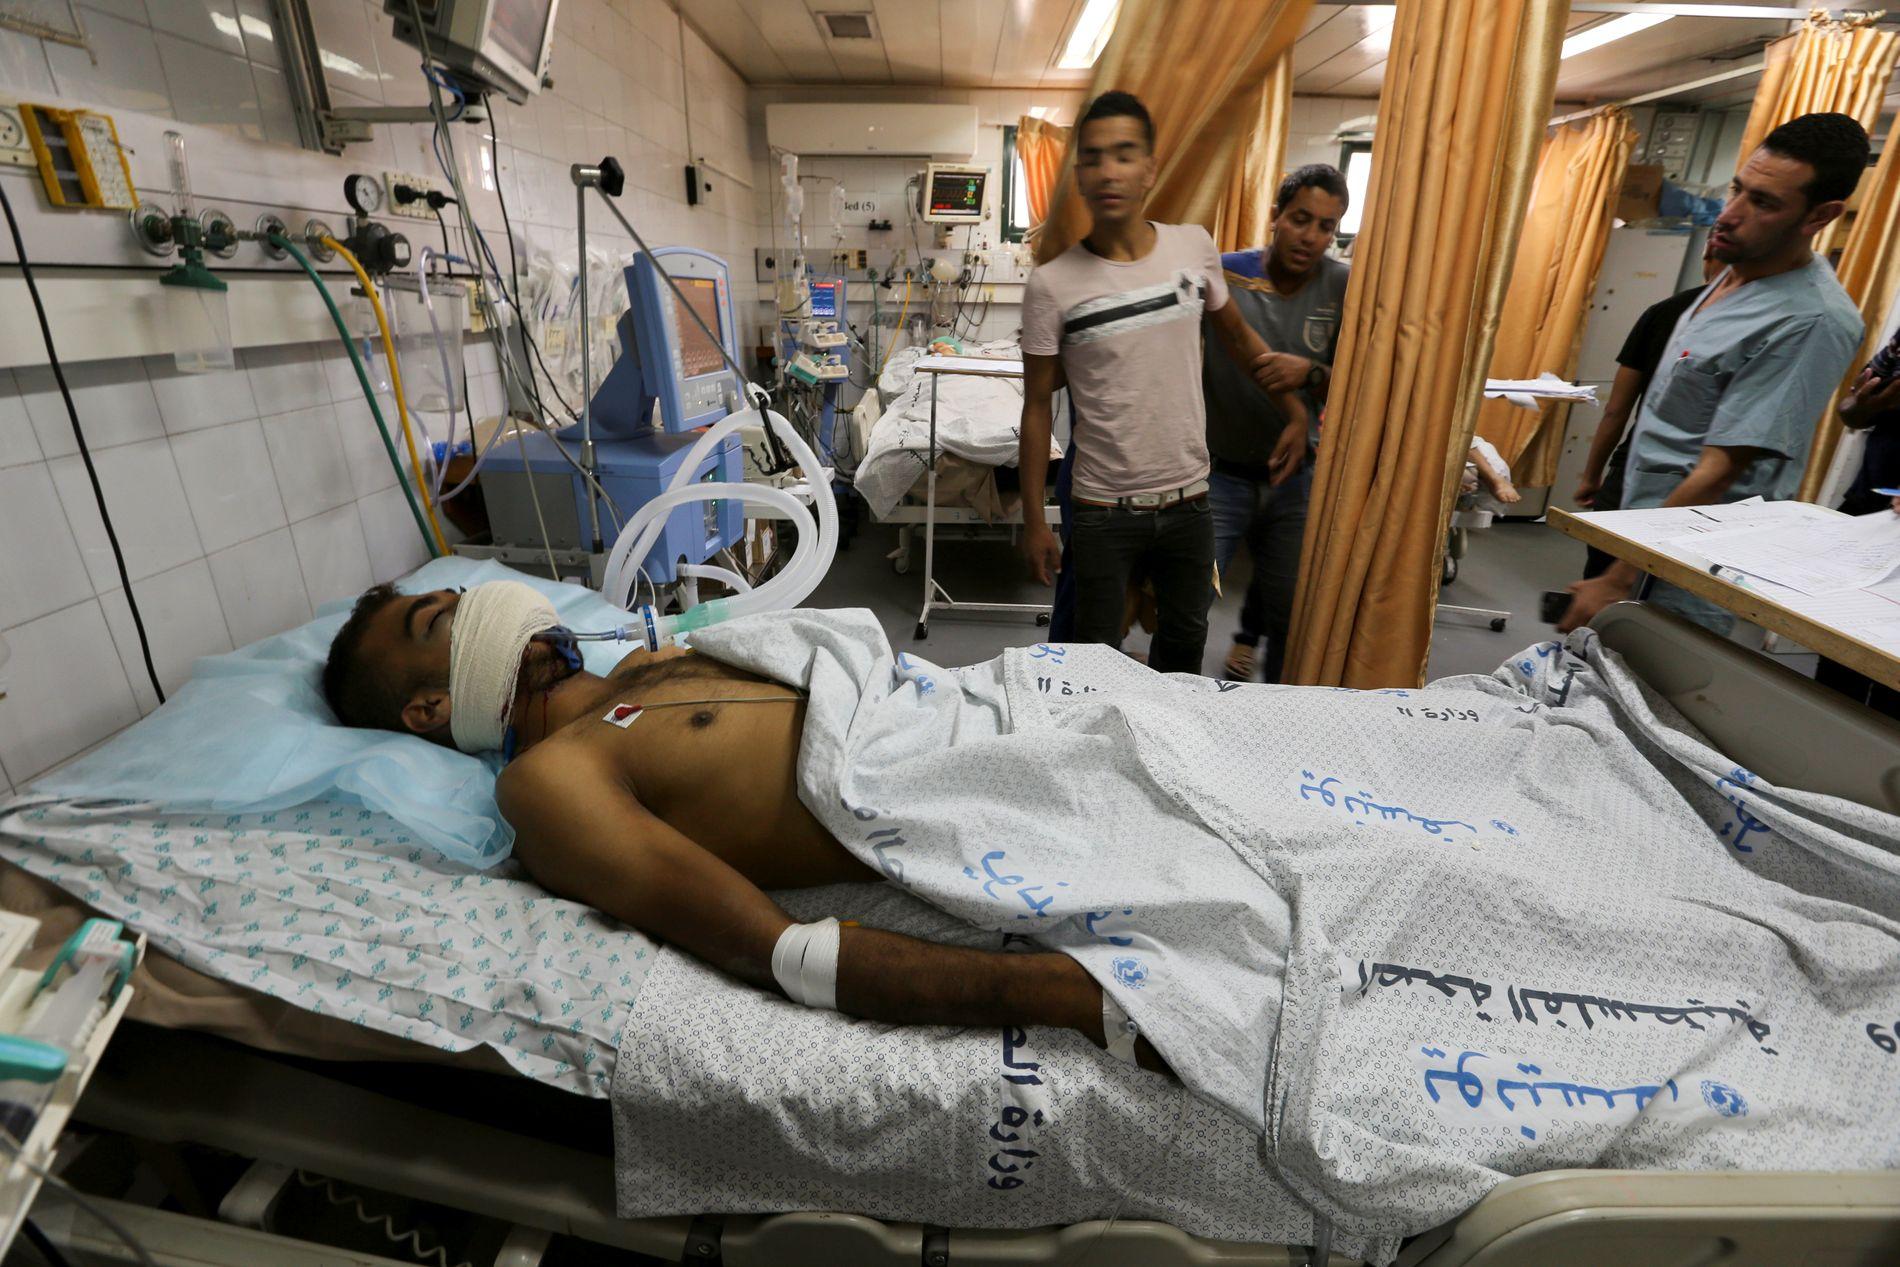 INTENSIVAVDELING: Abu Sabla koblet til en pustemaskin på et sykehus i Gaza.